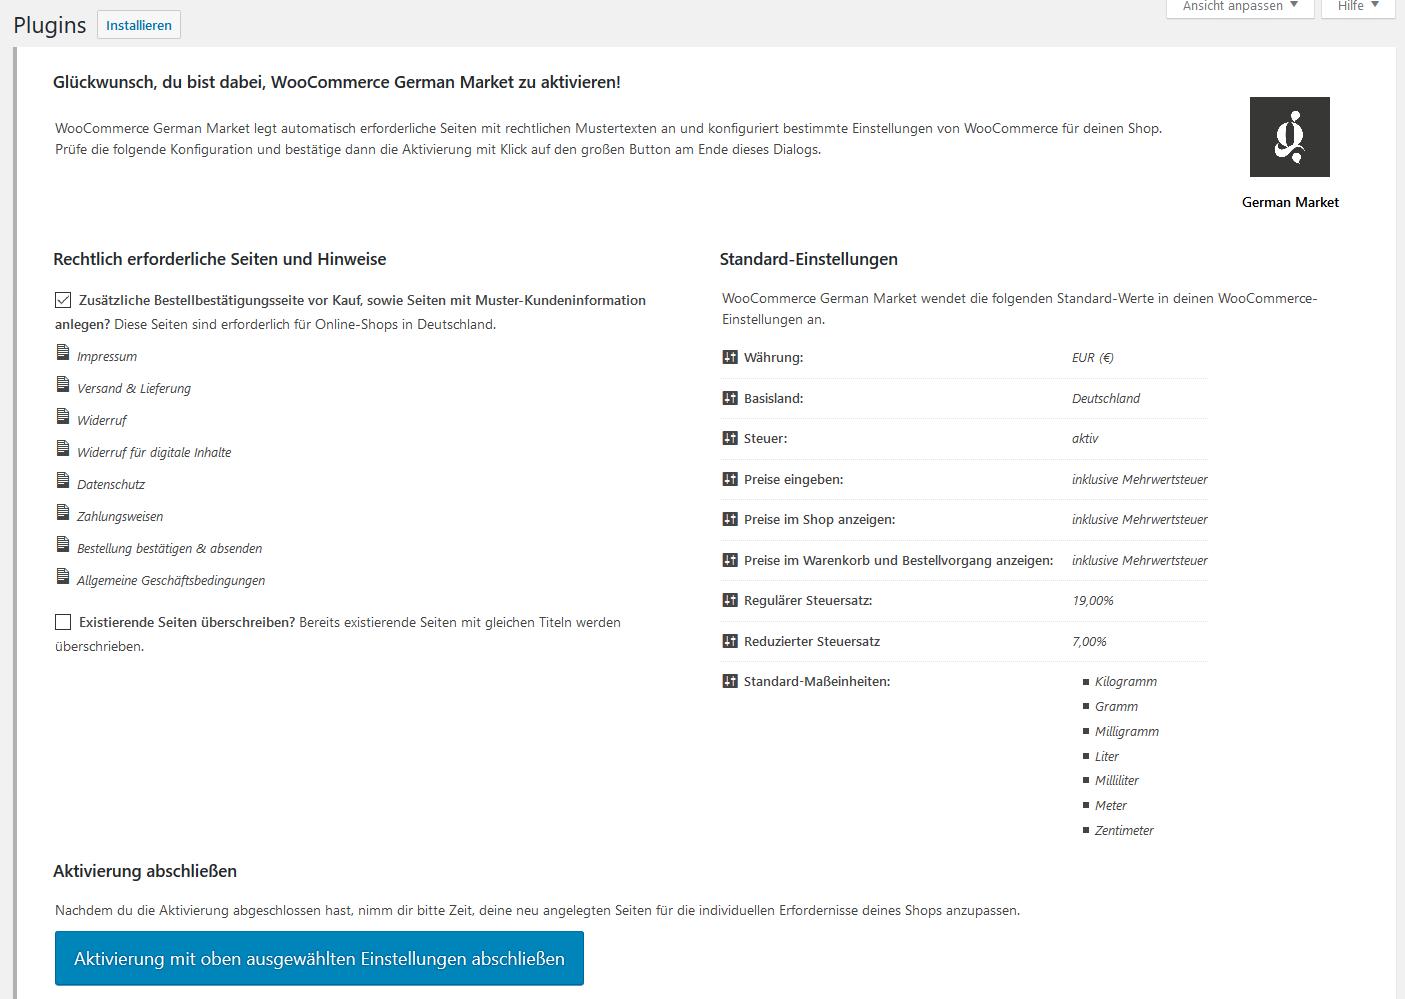 Anleitung: German Market für WooCommerce installieren - Onlineshop besser vor Abmahnung schützen 3